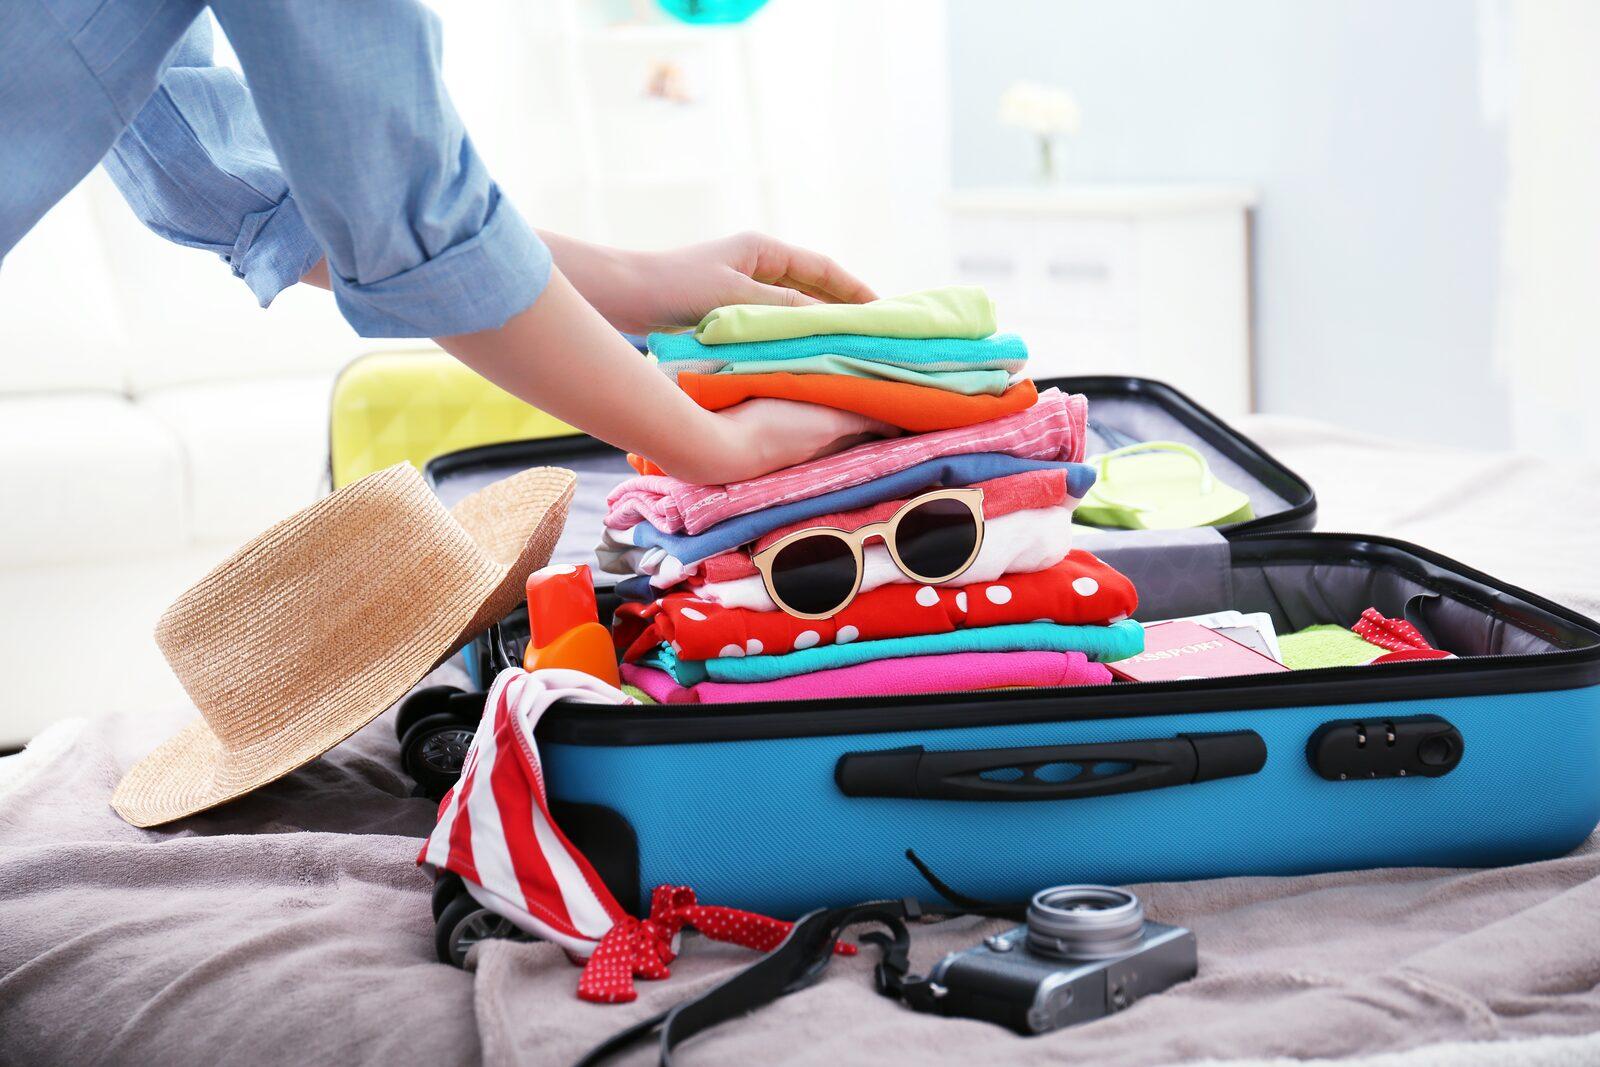 Inpakken voor de zomervakantie in Nederland wordt een makkie met onze tips